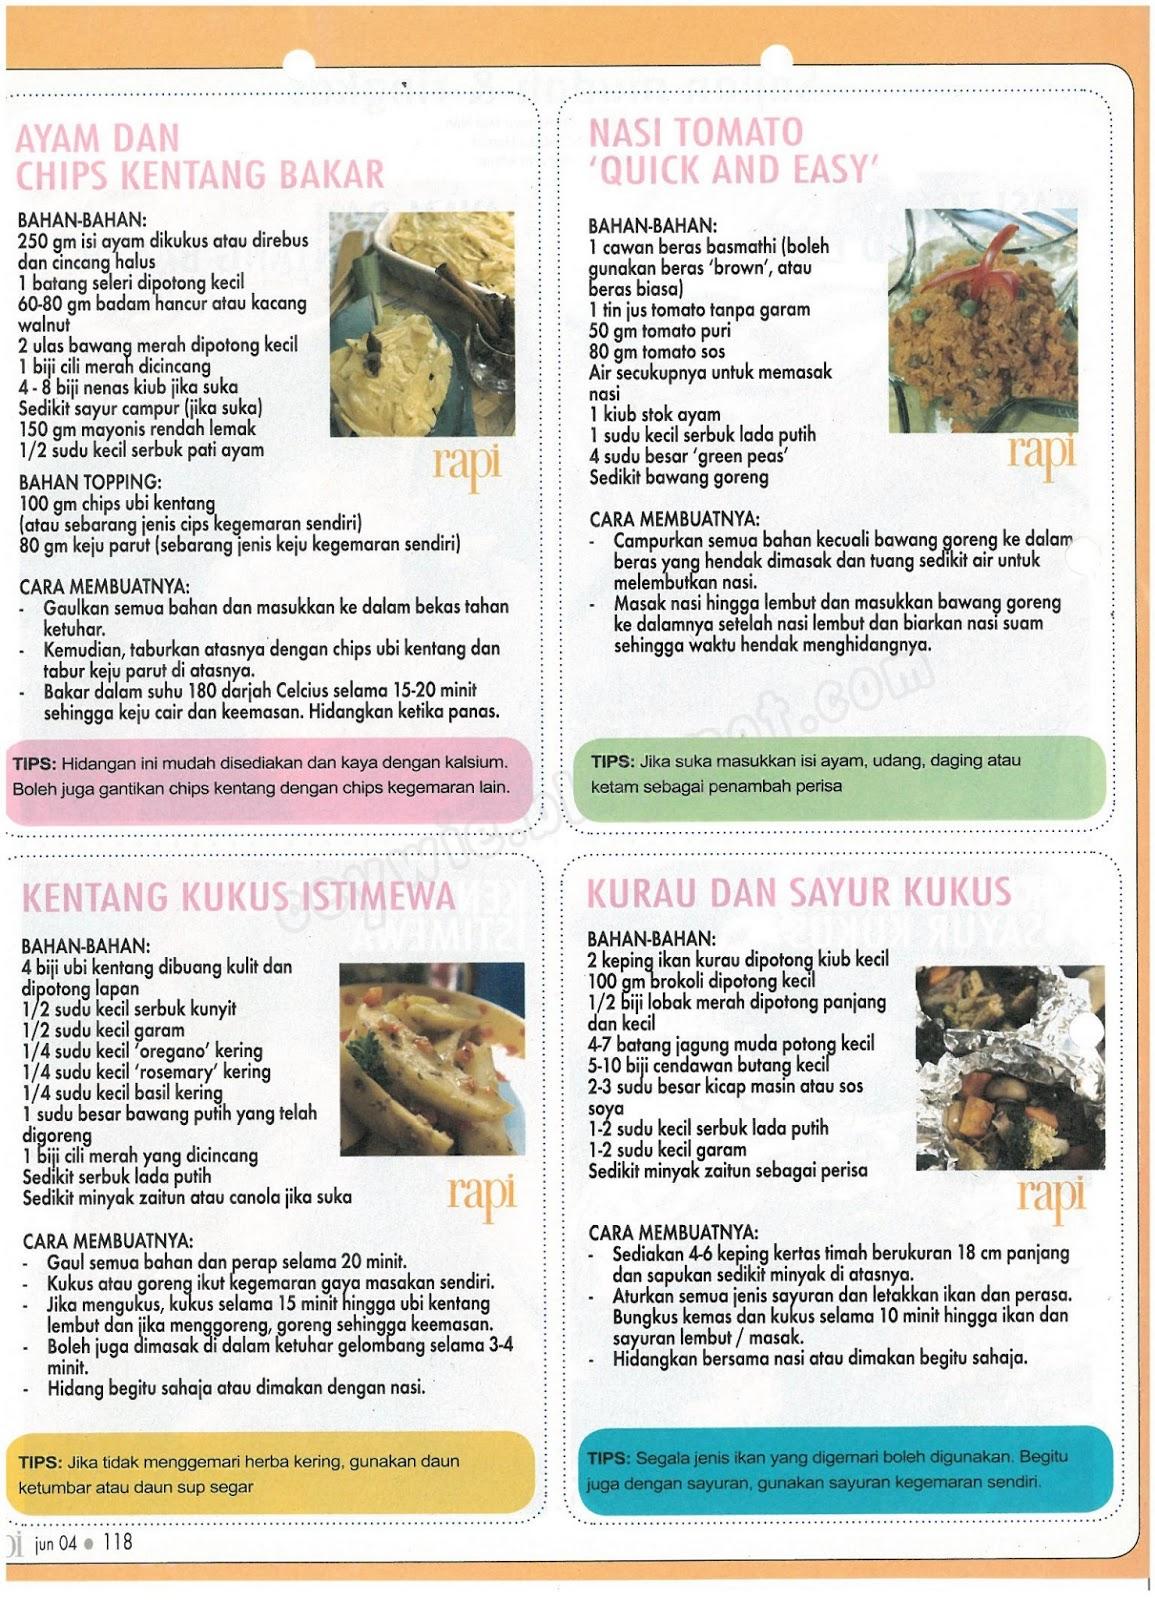 Kulit Bawang Merah Batang Brokoli Dan Kulit Kentang Merupakan : kulit, bawang, merah, batang, brokoli, kentang, merupakan, Kongsi, Sama-sama:, Sihat